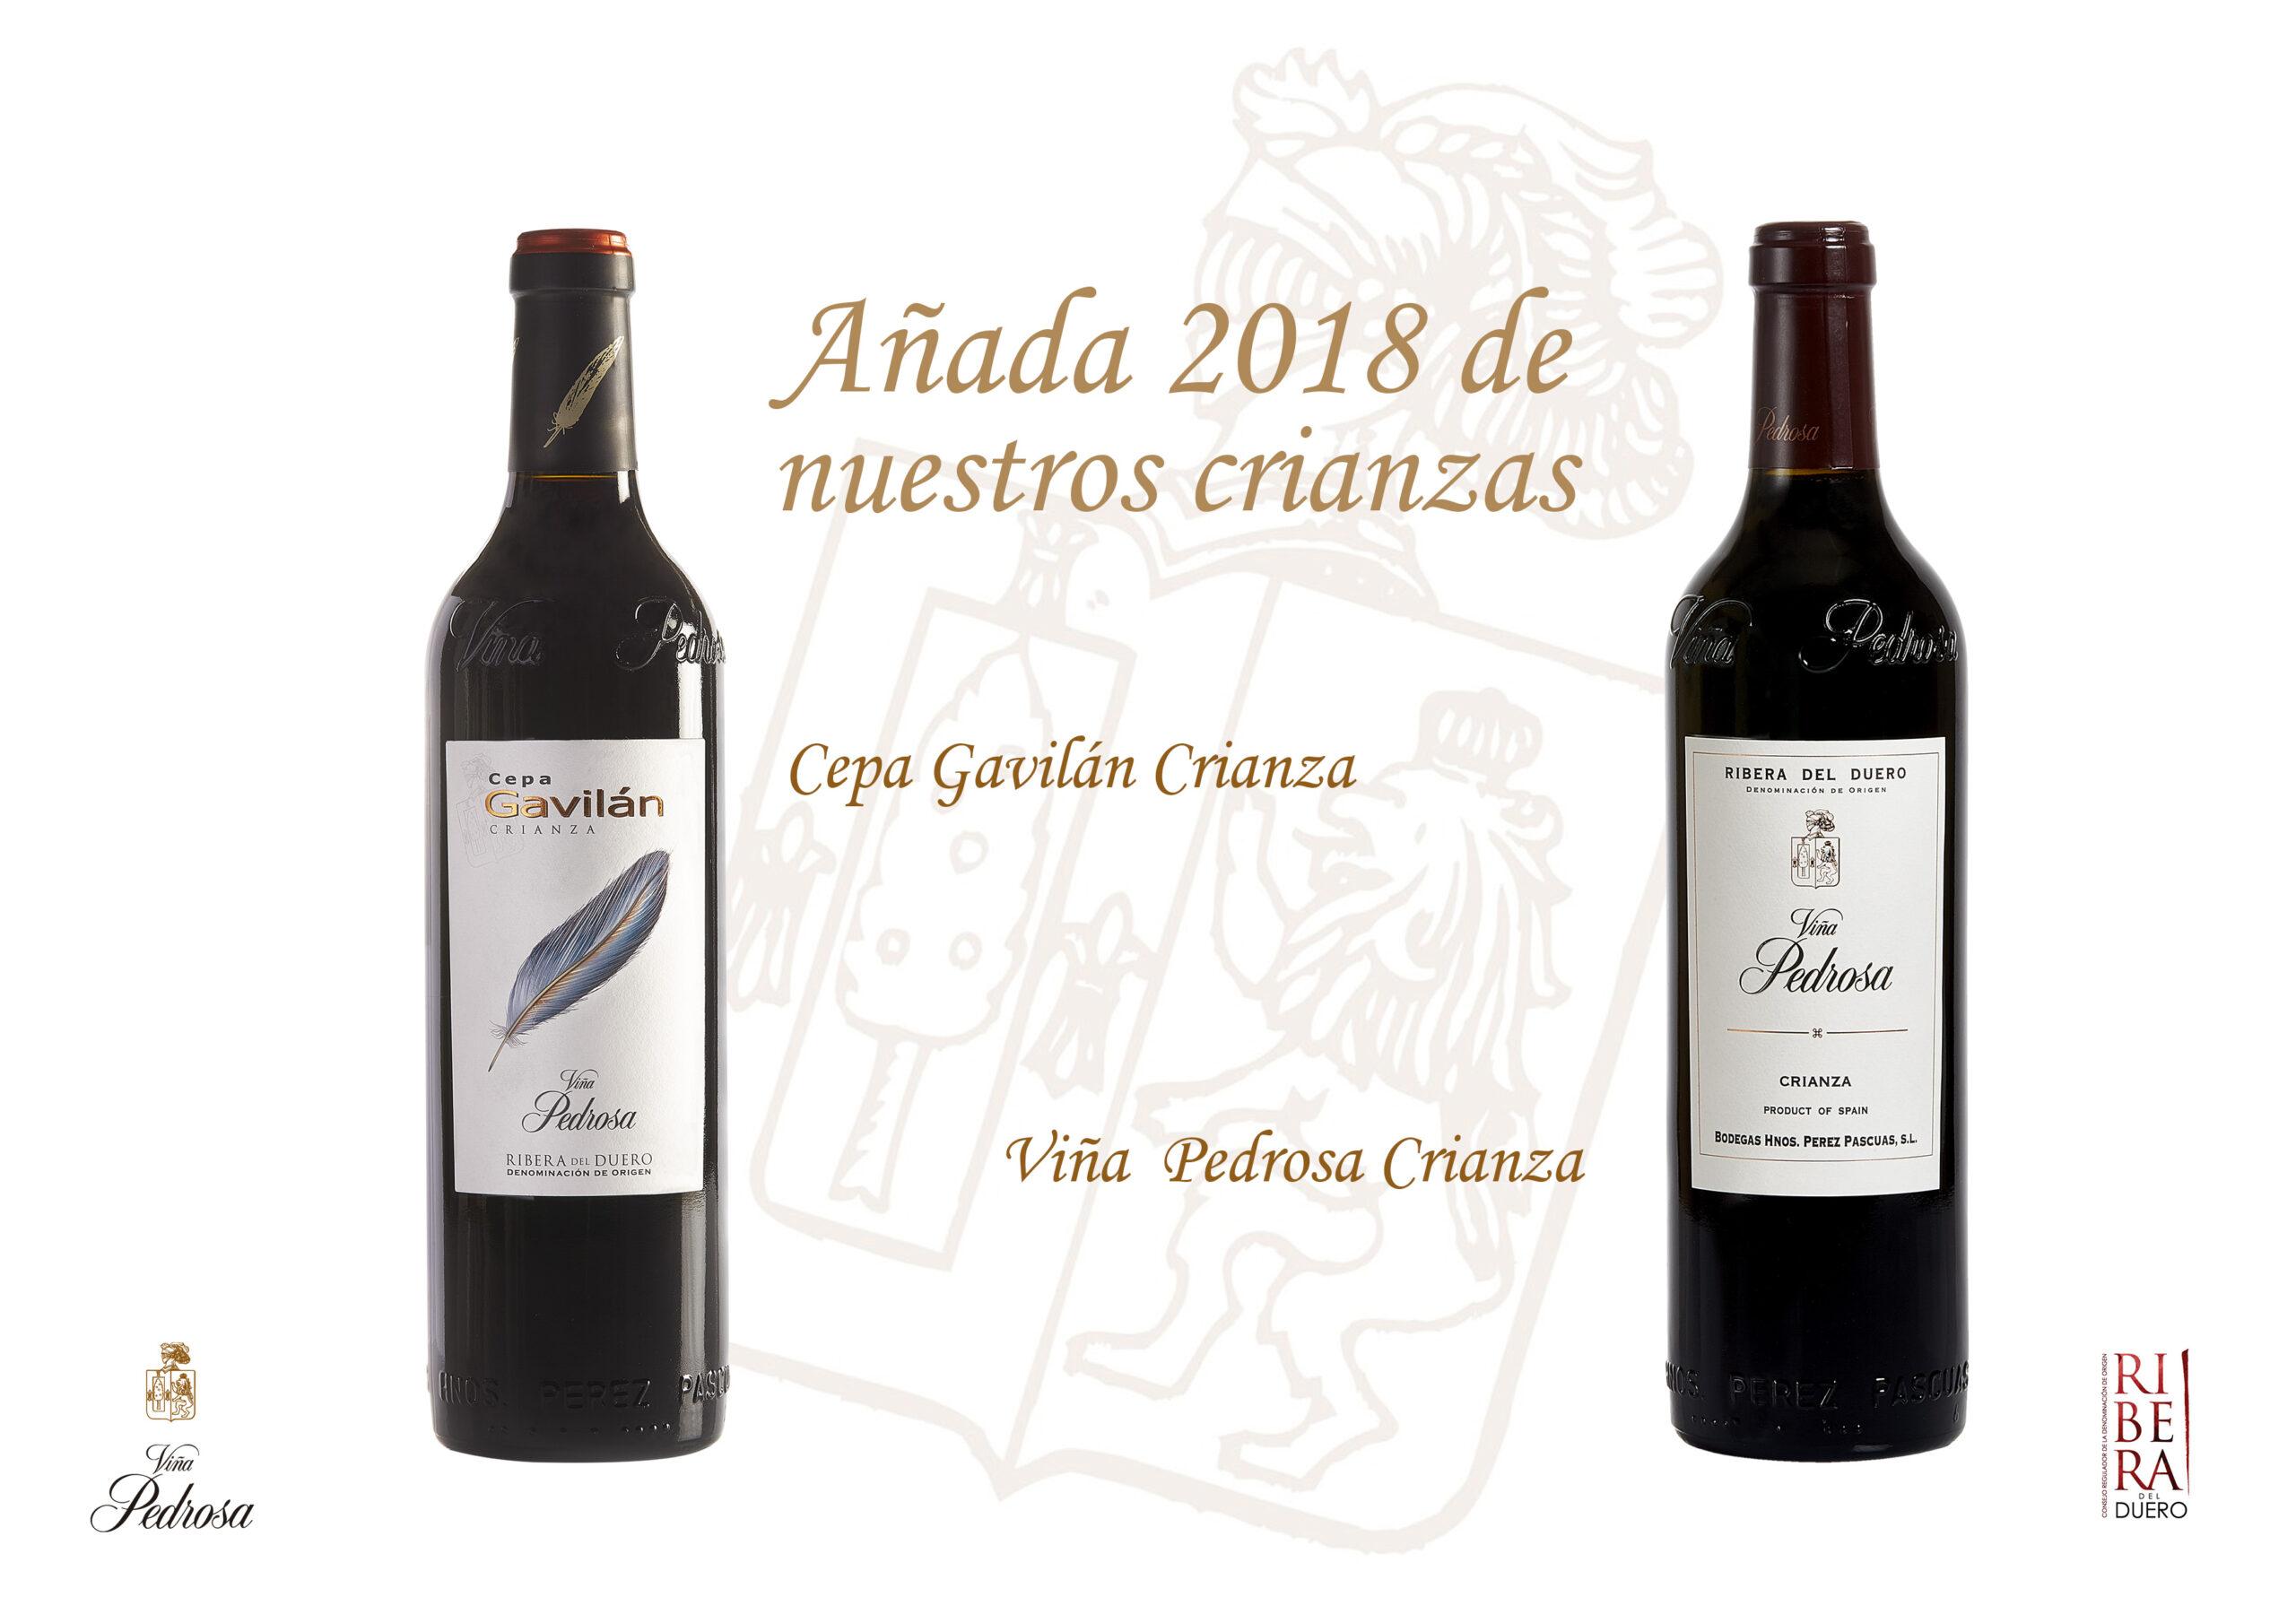 Nuevas añadas, Cepa Gavilán Crianza 2018 y Viña Pedrosa Crianza 2018